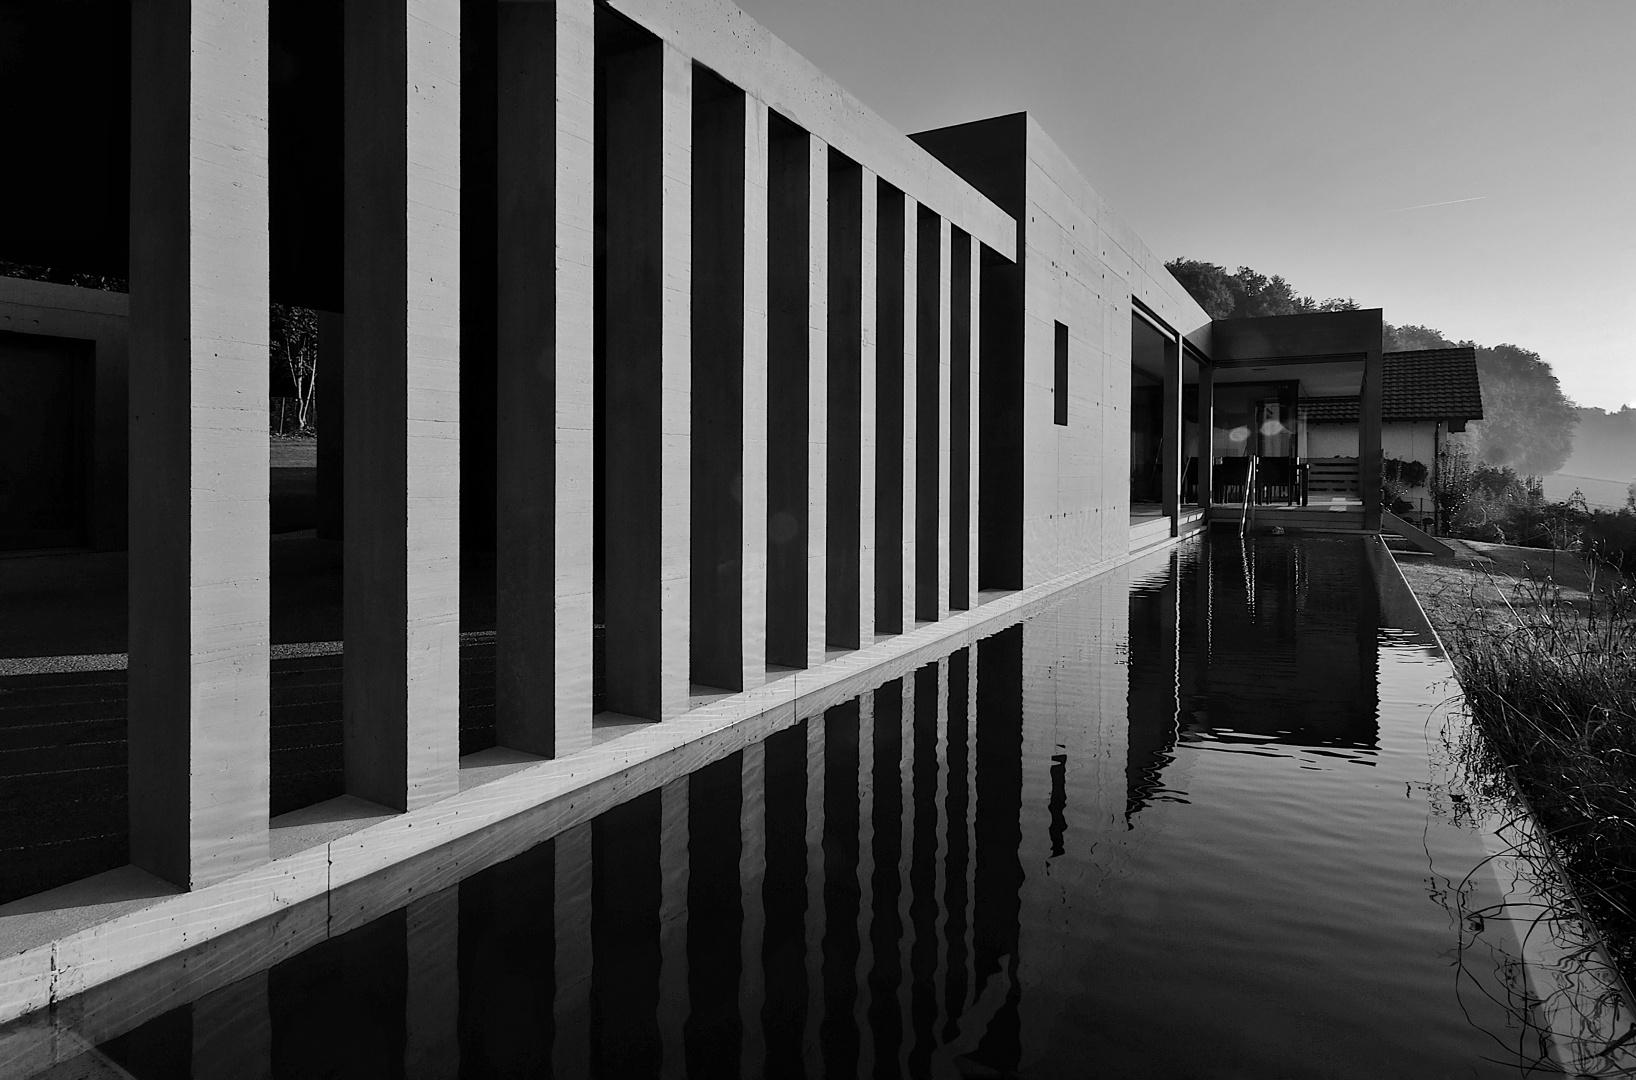 Säulenordnung © Studio Baumann, Mühlackerweg 3, 4805 Brittnau